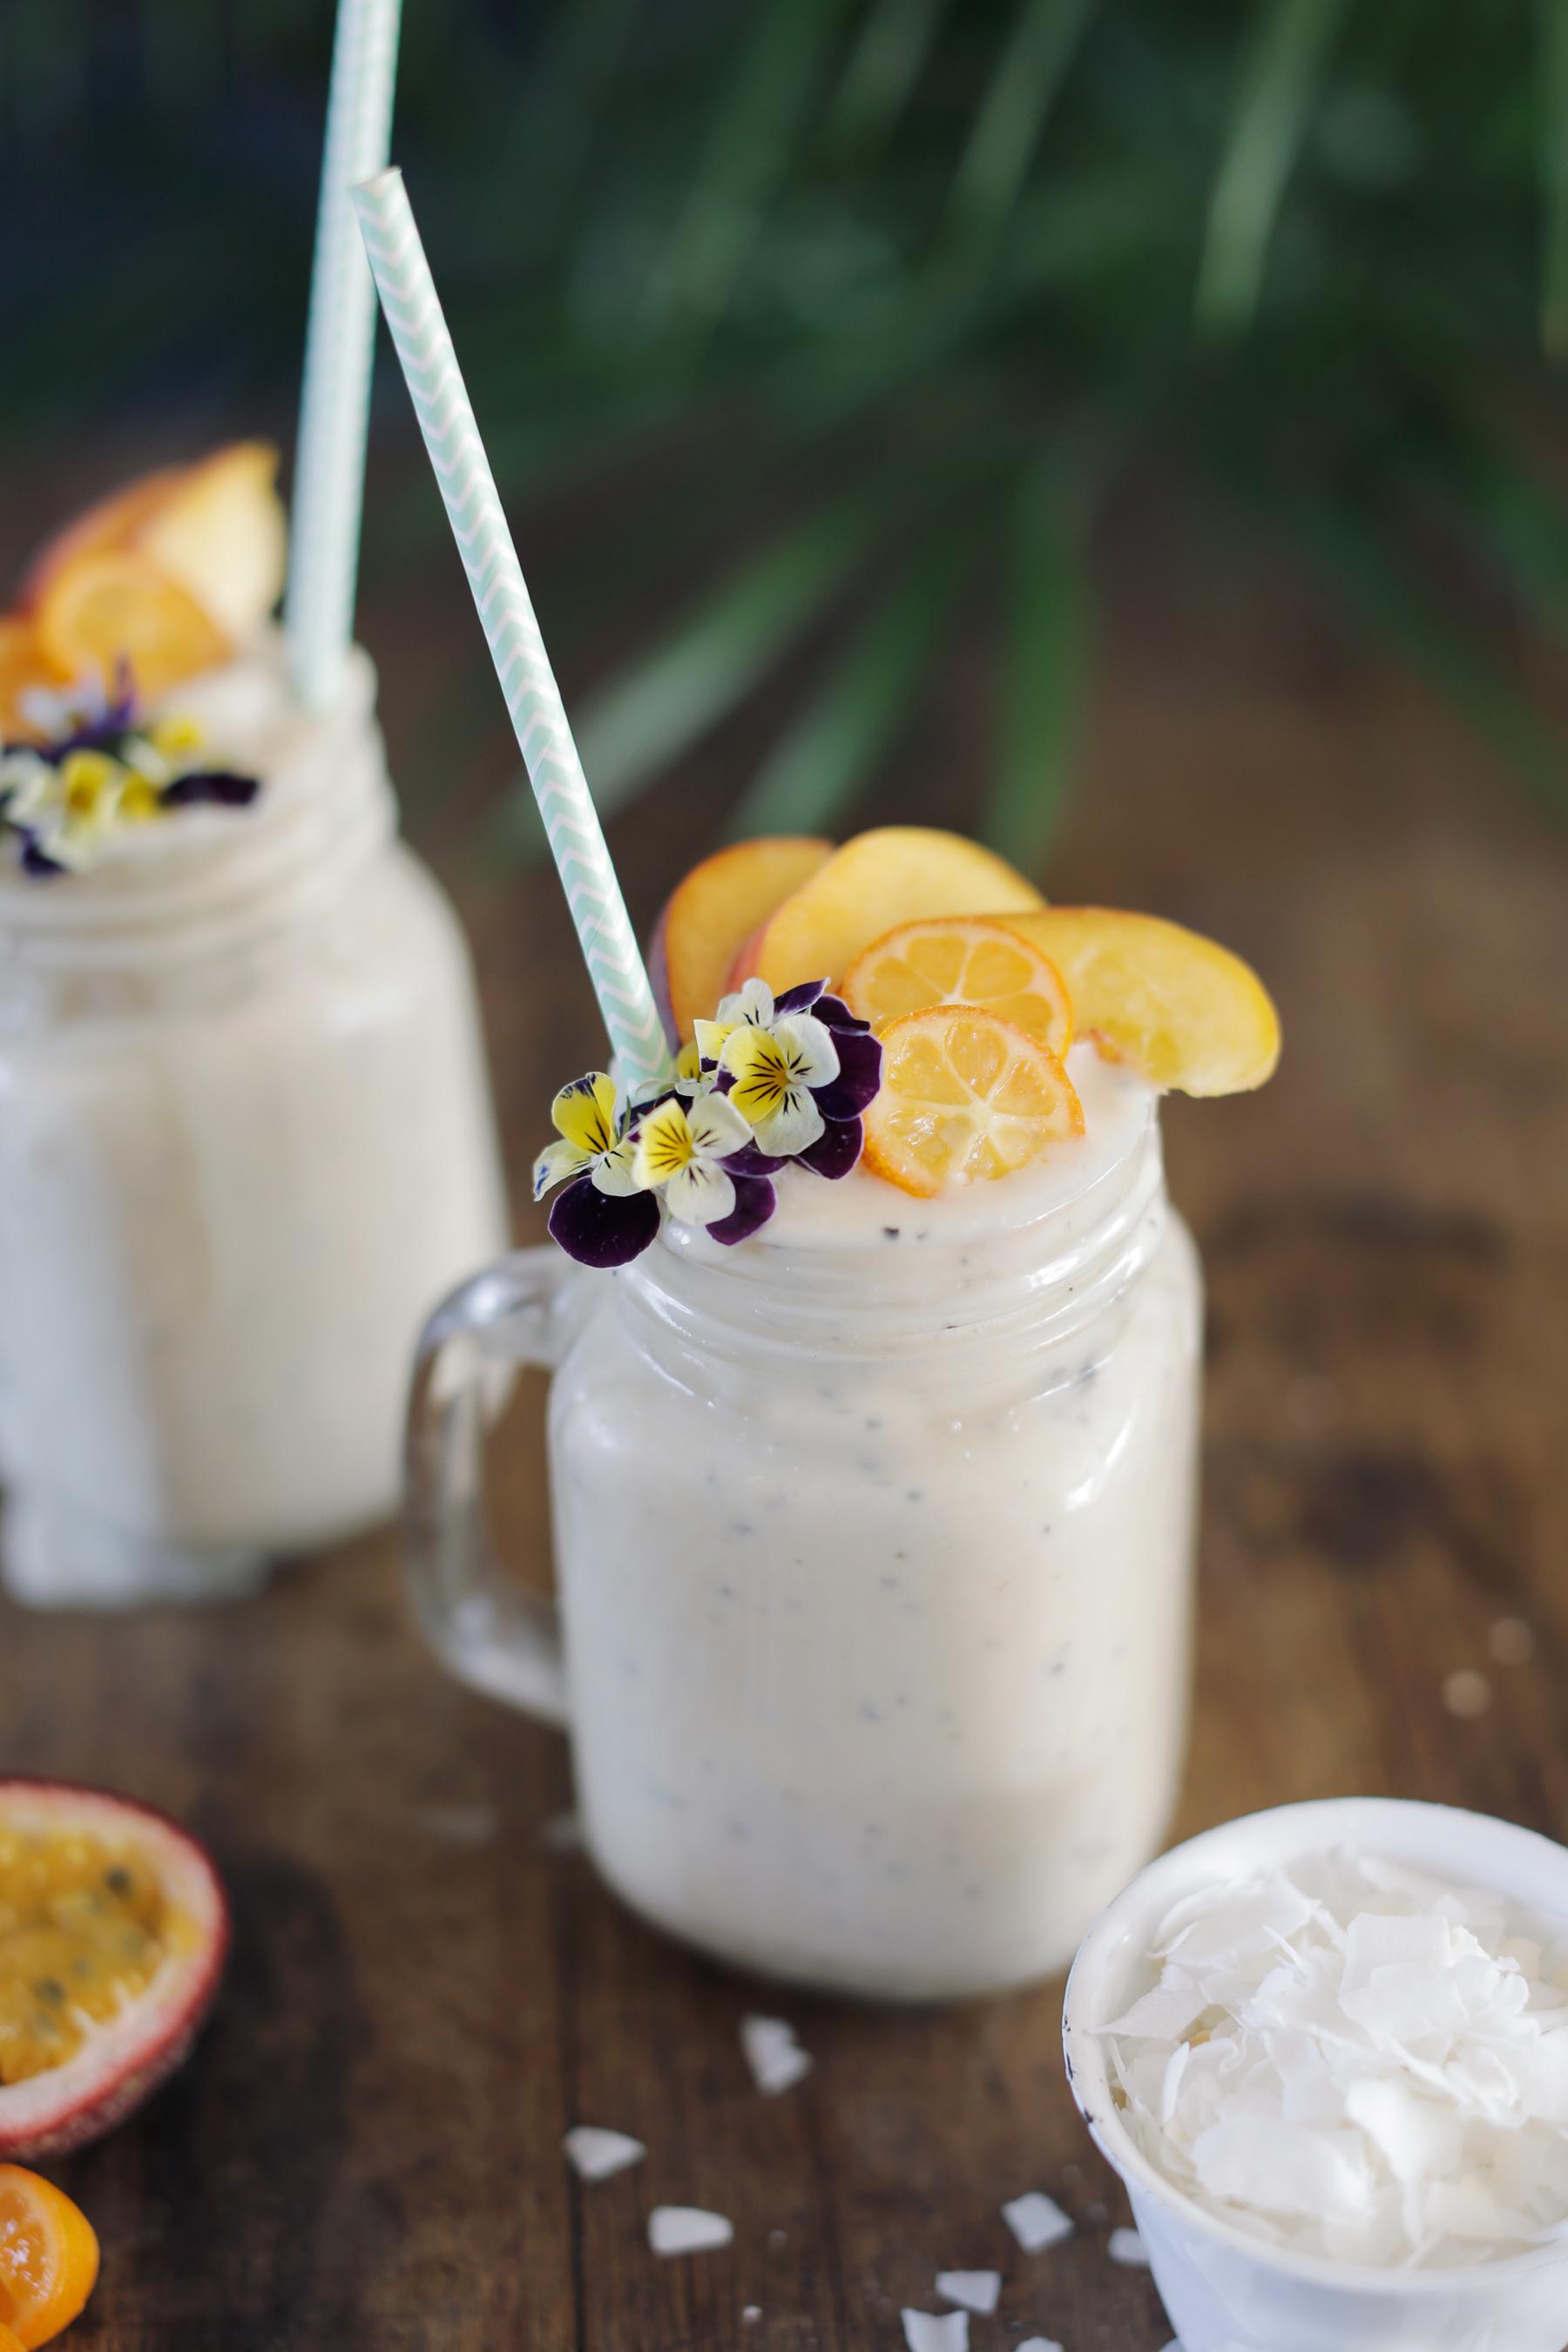 Coconut-Granadilla-and-Banana-smoothie-7